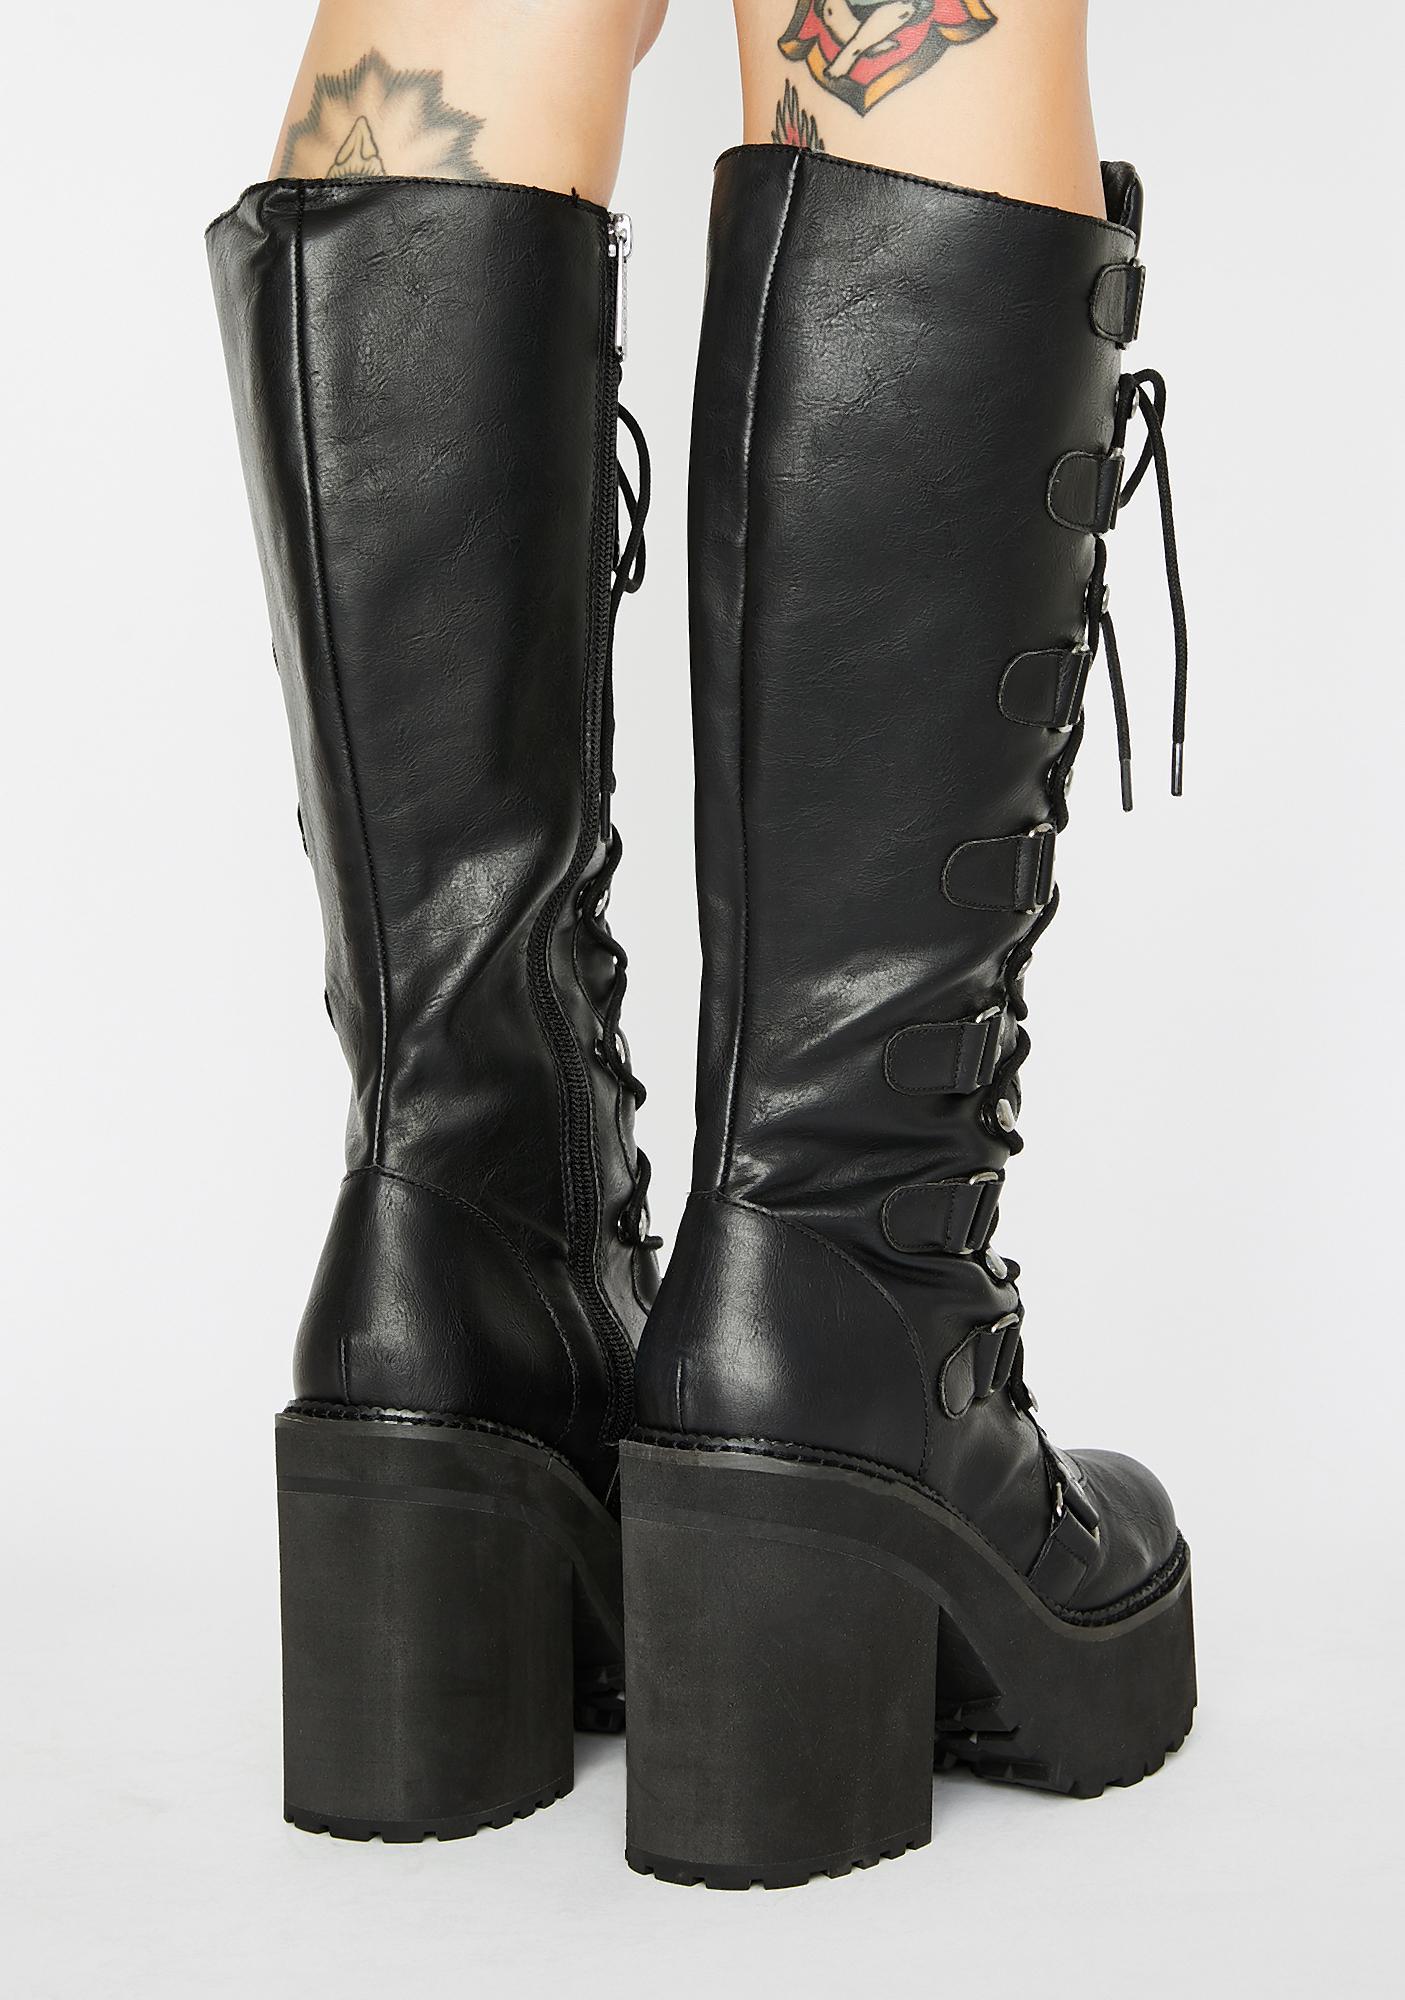 Killstar Selene Knee High Boots